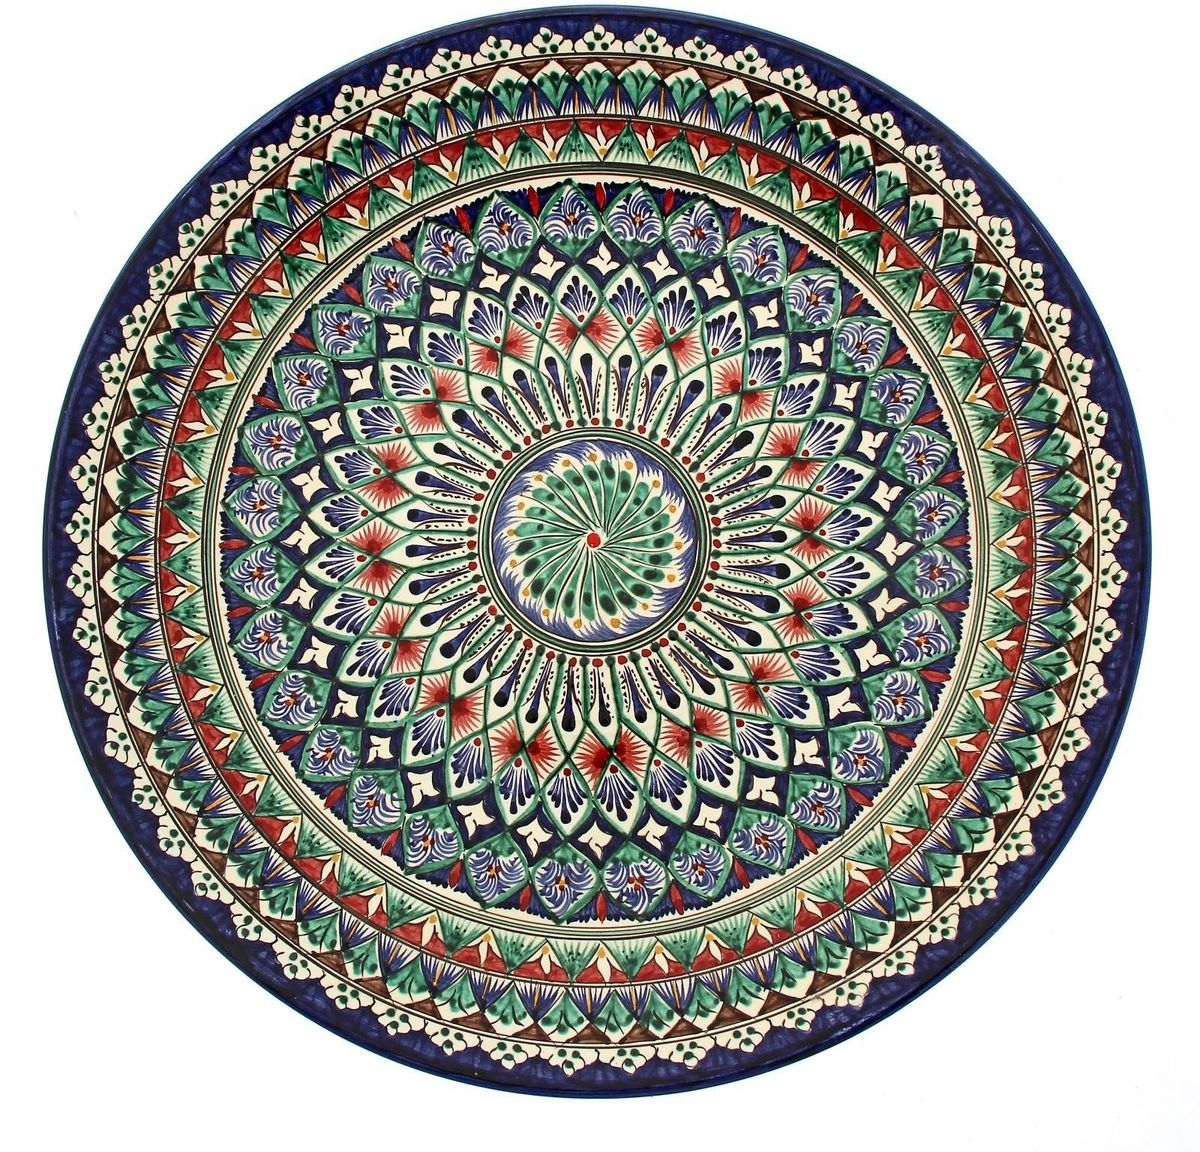 Ляган Риштанская керамика, диаметр 41 см. 19234771923477Ляган — это не просто обеденный атрибут, это украшение стола. Посуда с национальной росписью станет отменным подарком для ценителей высокородной посуды.Риштан — город на востоке Узбекистана, один из древнейших в Ферганской долине. С давних времён Риштан славится своим гончарным искусством изготовления цветной керамики. Красноватую глину для изделия добывают в самом городе. Мастера утверждают, что их глина настолько высокого качества, что даже не нуждается в предварительной обработке. Дополните коллекцию кухонных аксессуаров пряными восточными нотами.